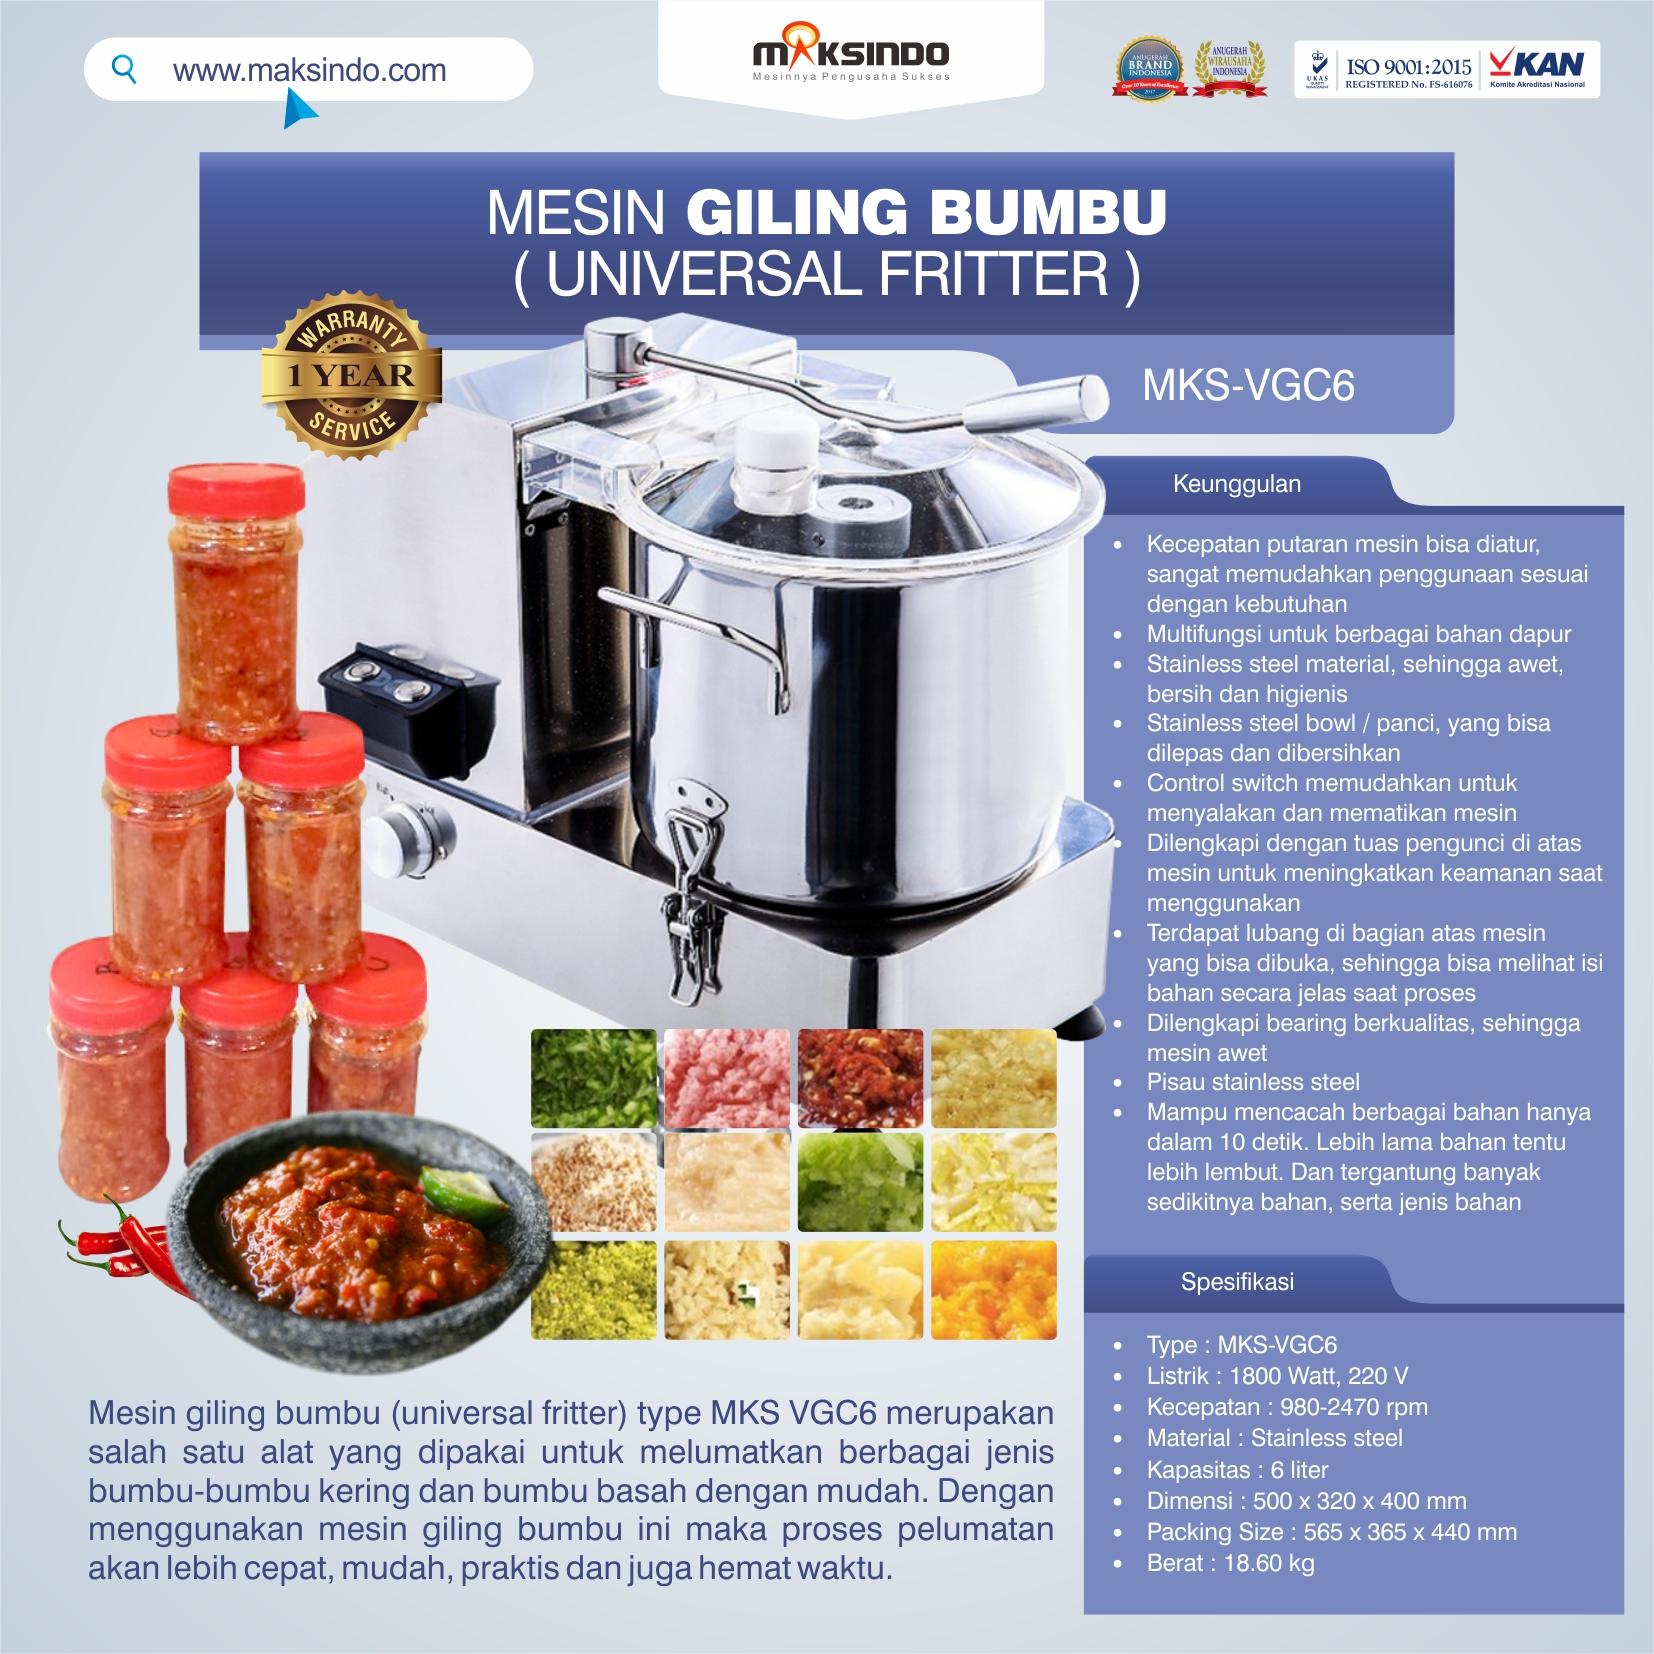 Jual Mesin Universal Fritter 6 liter (VGC6) di Tangerang